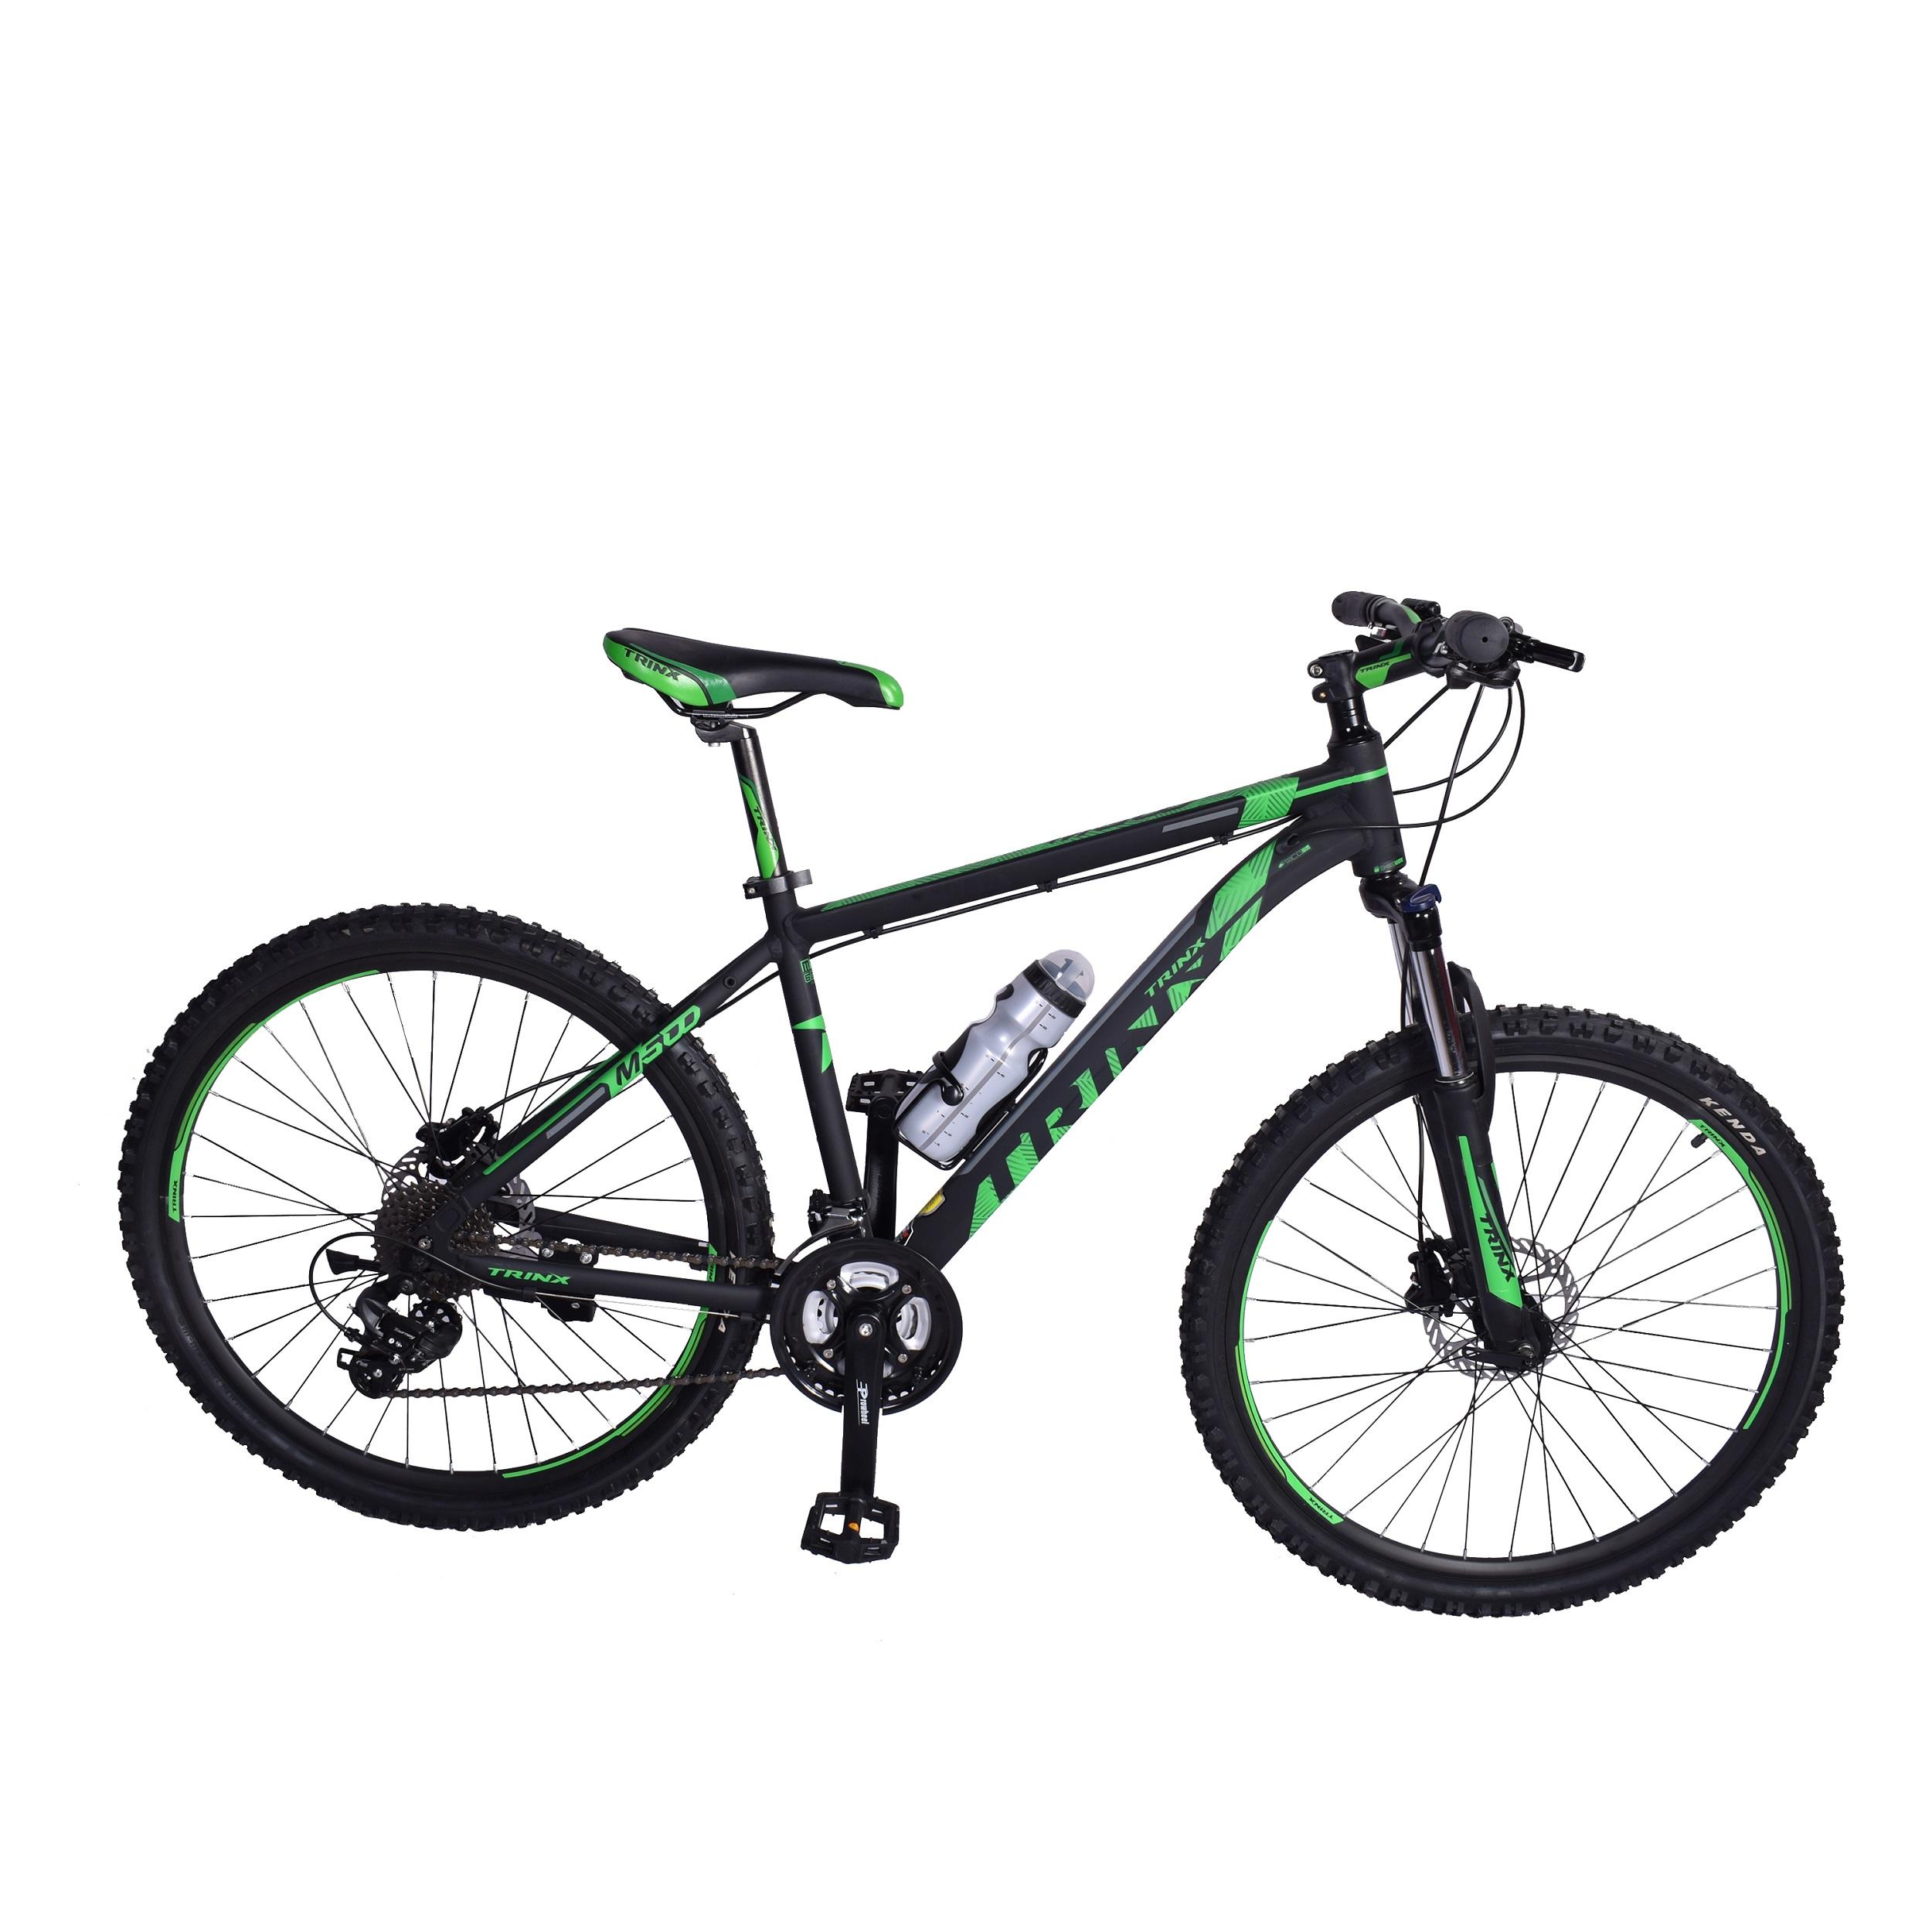 خرید                     دوچرخه کوهستان ترینکس مدل M500 سایز 26